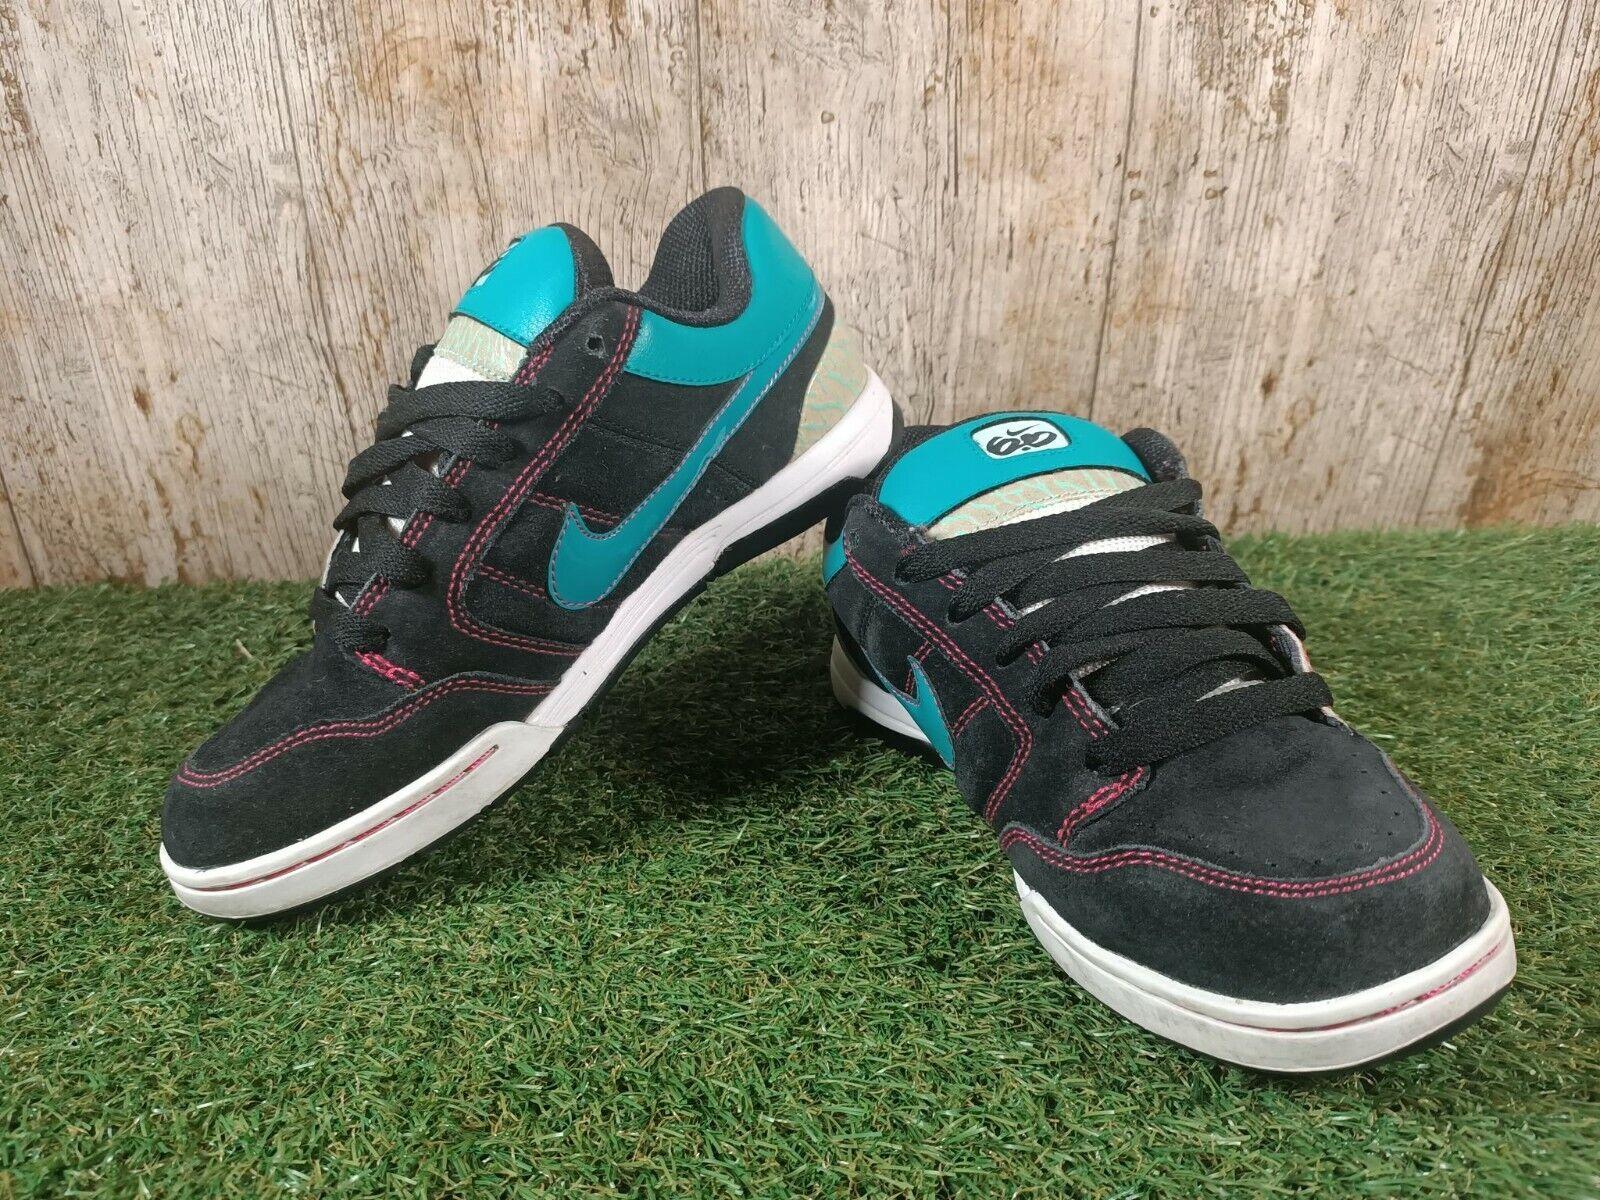 Nike air mogan 6.0 Femme Noir/vert taille 4 UK 37.5 eur